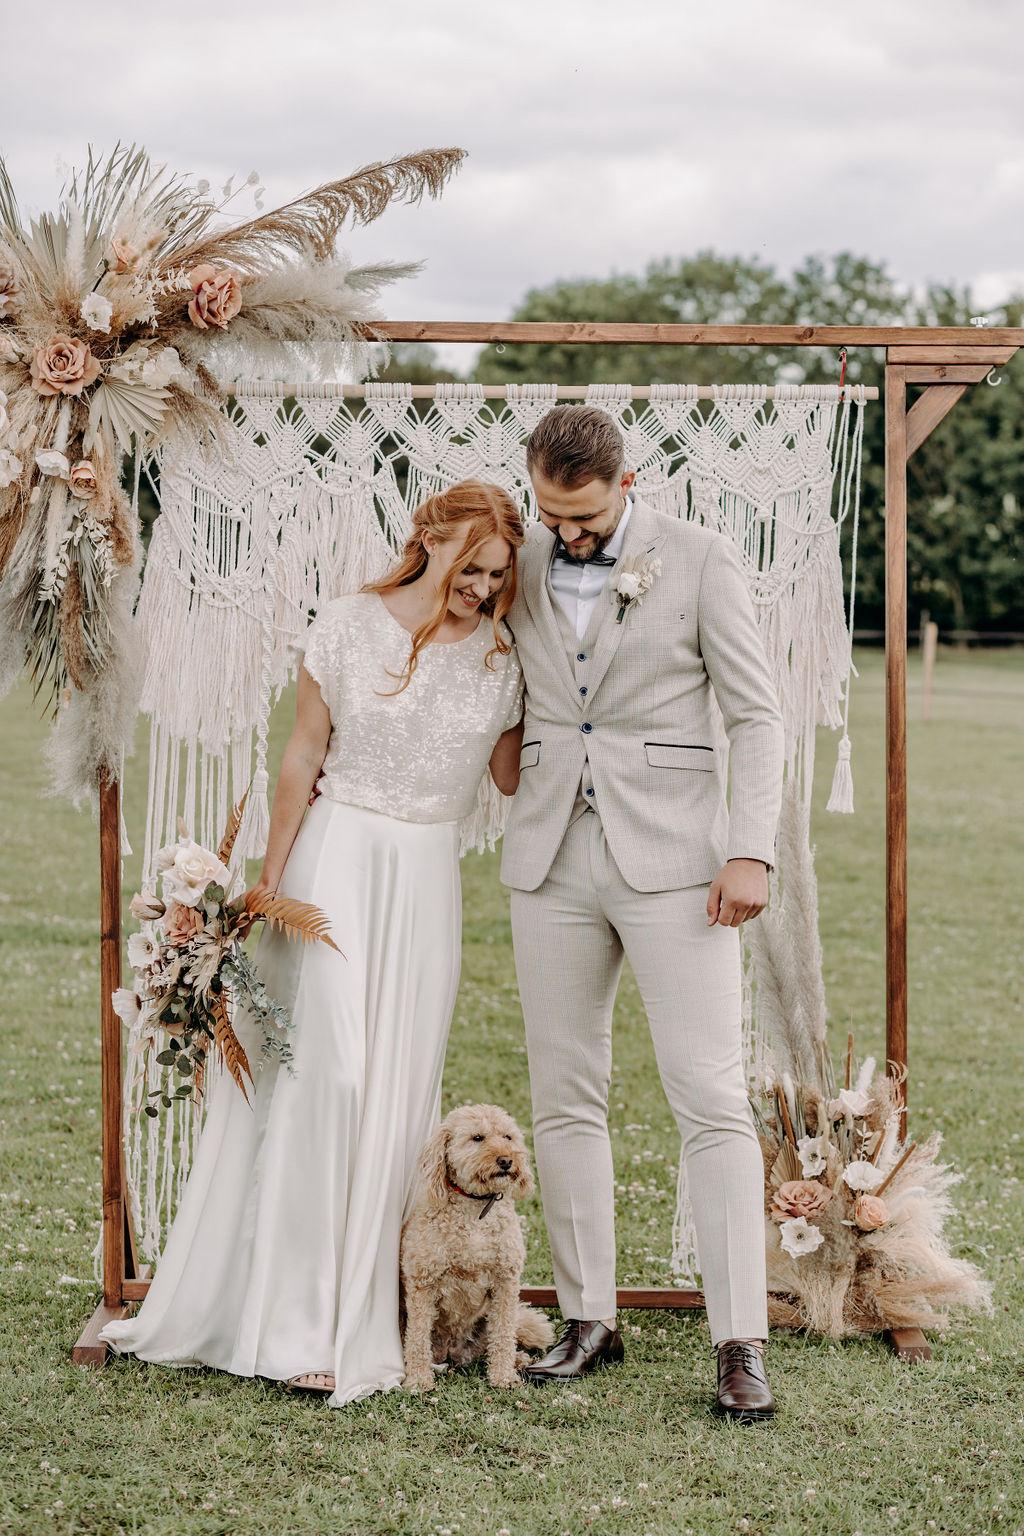 sustainable boho wedding - bohemian micro wedding - boho elopement - sustainable wedding - macrame wedding backdrop - boho wedding styling - unconventional wedding